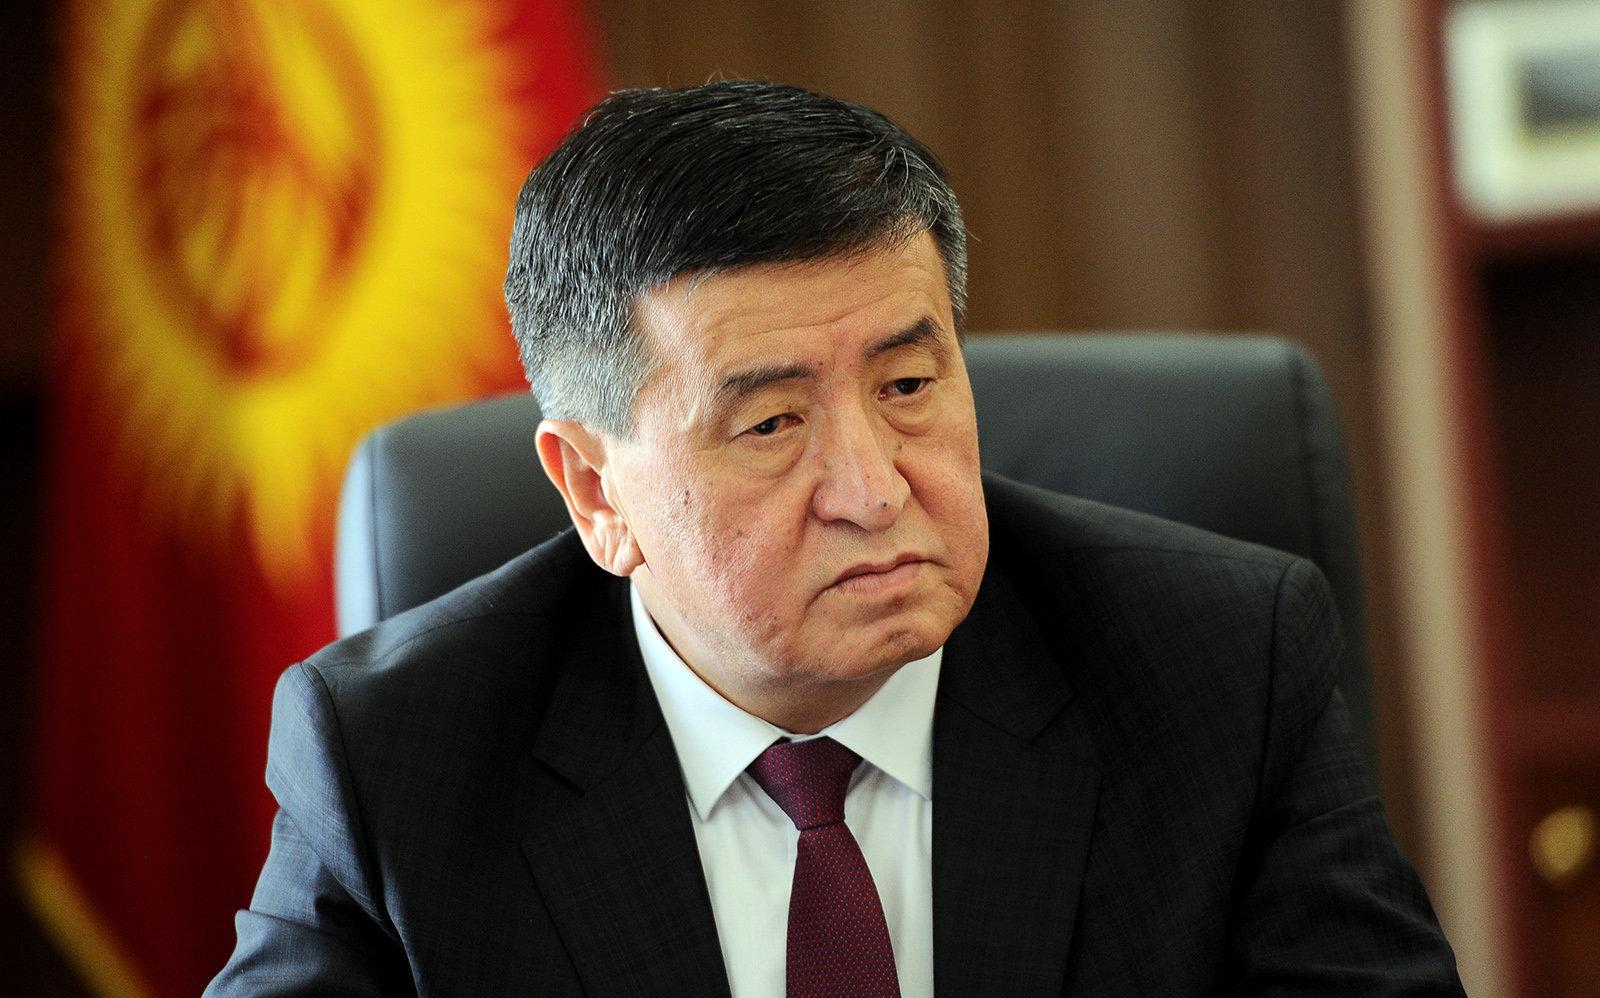 Премьер-министр Кыргызской Республики Сооронбай Жээнбеков в своем рабочем кабинете. Архивное фото